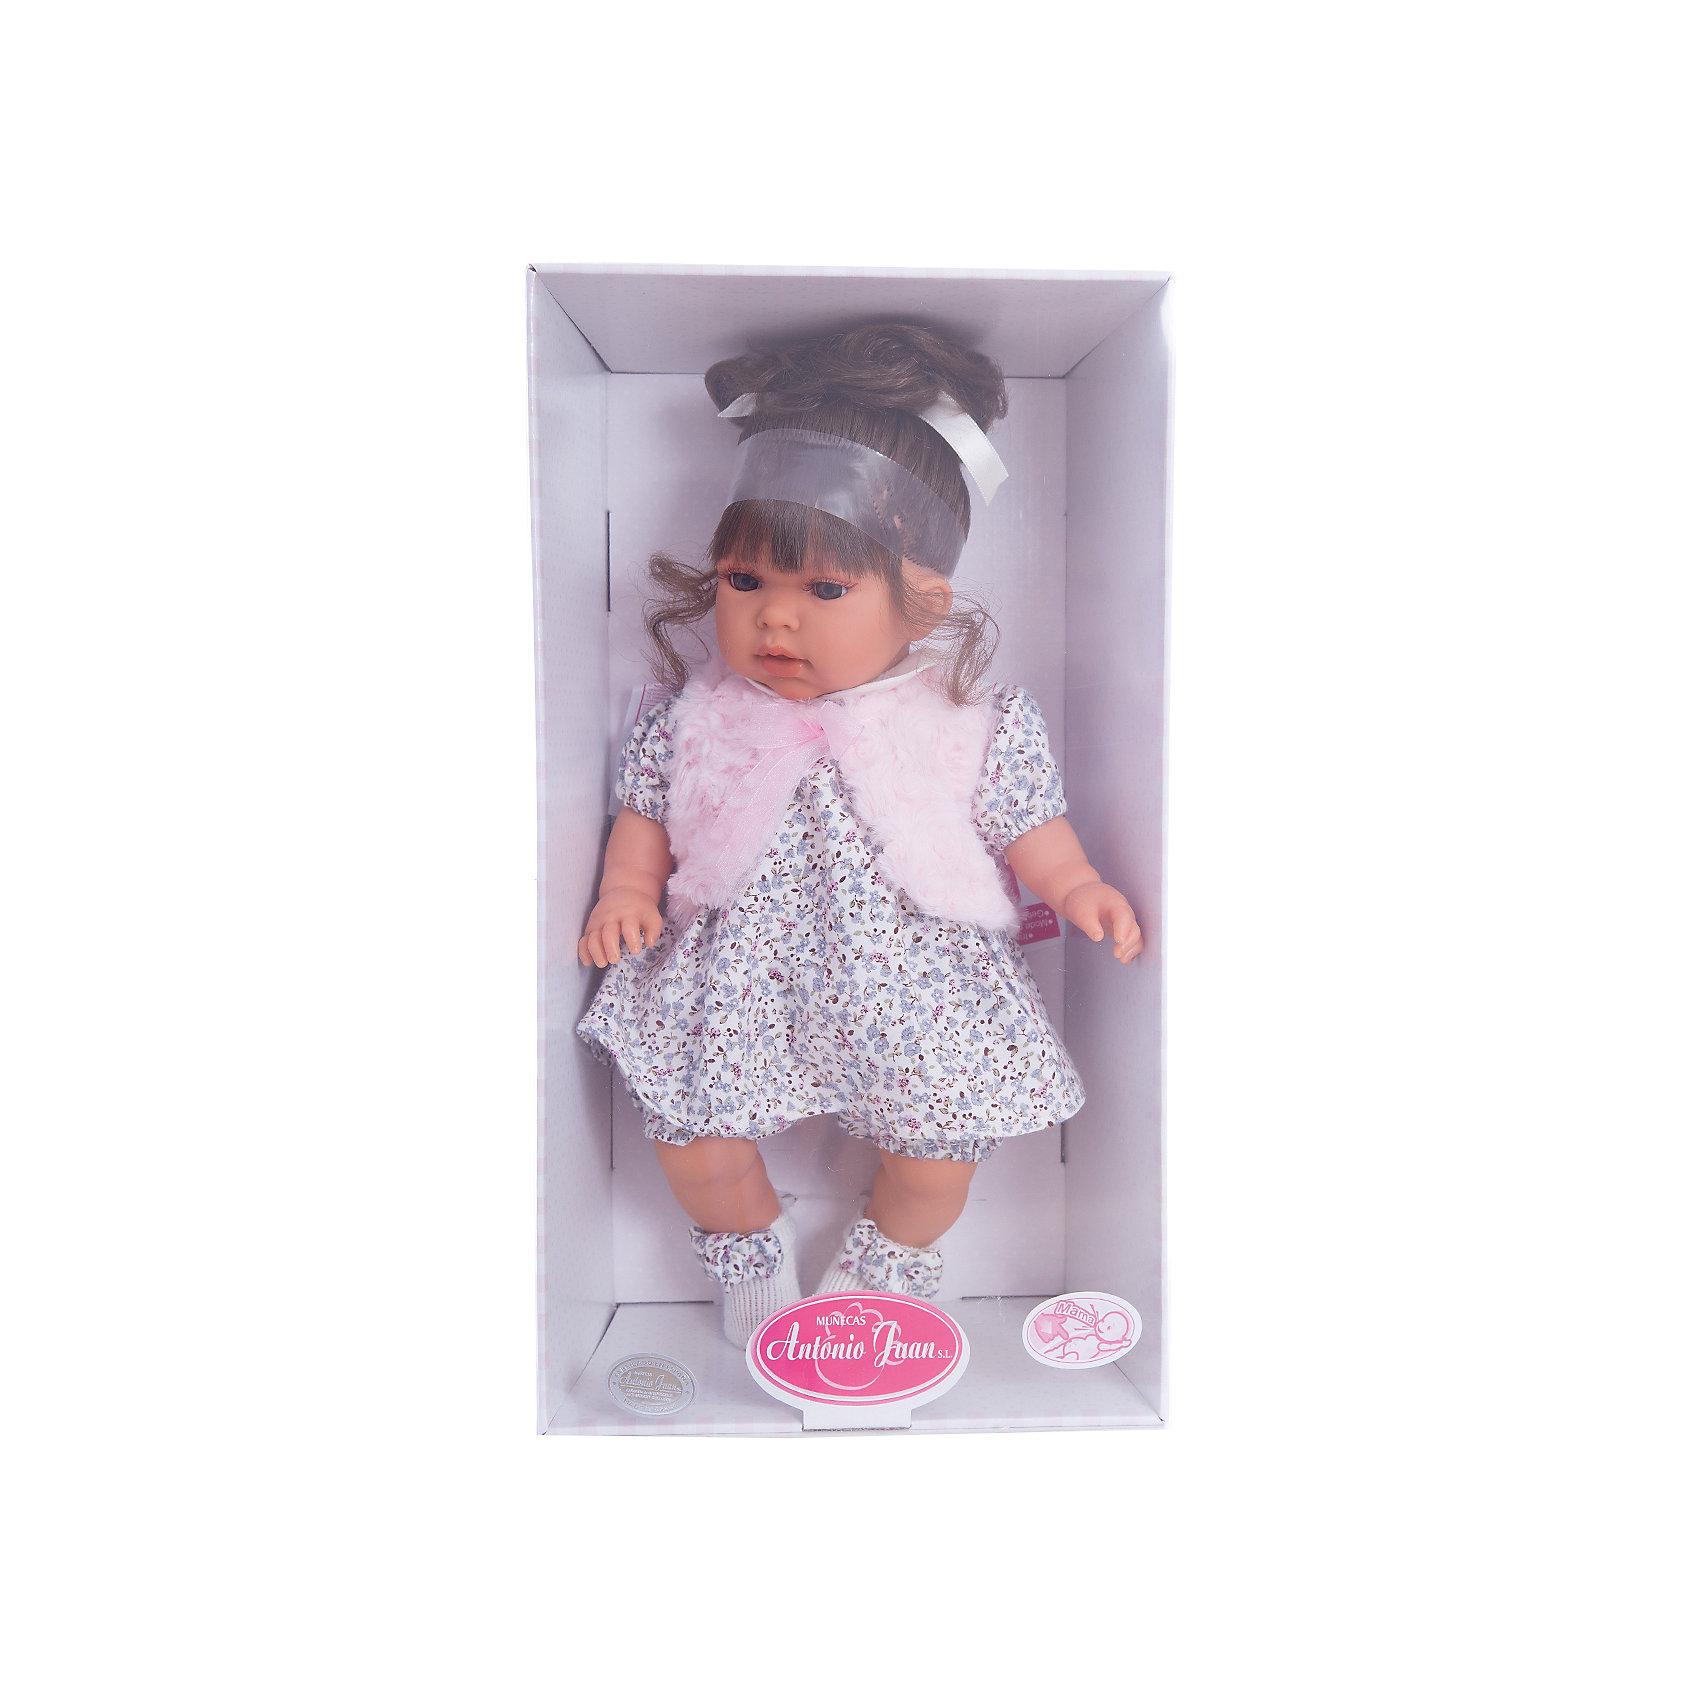 Кукла Лучия в белом, 37 см, Munecas Antonio JuanИнтерактивные куклы<br>Кукла Лучия в белом, 37 см, Munecas Antonio Juan (Мунекас Антонио Хуан) - эта очаровательная малышка покорит и детей, и родителей.<br>Кукла Лучия выглядит как настоящий ребенок, а ее трогательный внешний вид вызывает только самые положительные и добрые эмоции. Эта чудесная милая малышка станет любимицей Вашей девочки и будет воспитывать в ней доброту, внимание и заботу. Личико куклы сделано с детальными прорисовками. Пухлые щечки и губки, выразительные глаза, обрамленные пушистыми ресничками, придают игрушке реалистичный вид. Ротик у куклы приоткрыт. Малышка Лучия одета светлое платье в мелкий рисунок, жилетку и белые пинетки с бантиками. Волосы собраны в хвостик. При нажатии на животик куклы, она весело смеется, а так же может позвать маму и папу. Тельце у куклы мягко-набивное, голова, ручки и ножки сделаны из высококачественного винила. Ручки и ножки подвижны. Кукла изготовлена из высококачественных и экологически чистых материалов, поэтому безопасна для детей любого возраста, соответствует всем нормам и требованиям к качеству детских товаров. Образы малышей Мунекас разработаны известными европейскими дизайнерами. Они натуралистичны, анатомически точны.<br><br>Дополнительная информация:<br><br>- Интерактивные функции куклы: нажмите на животик 1 раз кукла засмеется, 2ой раз - кукла скажет мама, 3ий раз - скажет папа<br>- Глаза куклы не закрываются<br>- Высоты куклы: 37 см.<br>- Работает от 3-х батареек LR44 (таблетки) (батарейки входят в комплект)<br>- Материал: винил, текстиль<br><br>Куклу Лучия в белом, 37 см, Munecas Antonio Juan (Мунекас Антонио Хуан) можно купить в нашем интернет-магазине.<br><br>Ширина мм: 440<br>Глубина мм: 245<br>Высота мм: 120<br>Вес г: 650<br>Возраст от месяцев: 36<br>Возраст до месяцев: 84<br>Пол: Женский<br>Возраст: Детский<br>SKU: 4201312